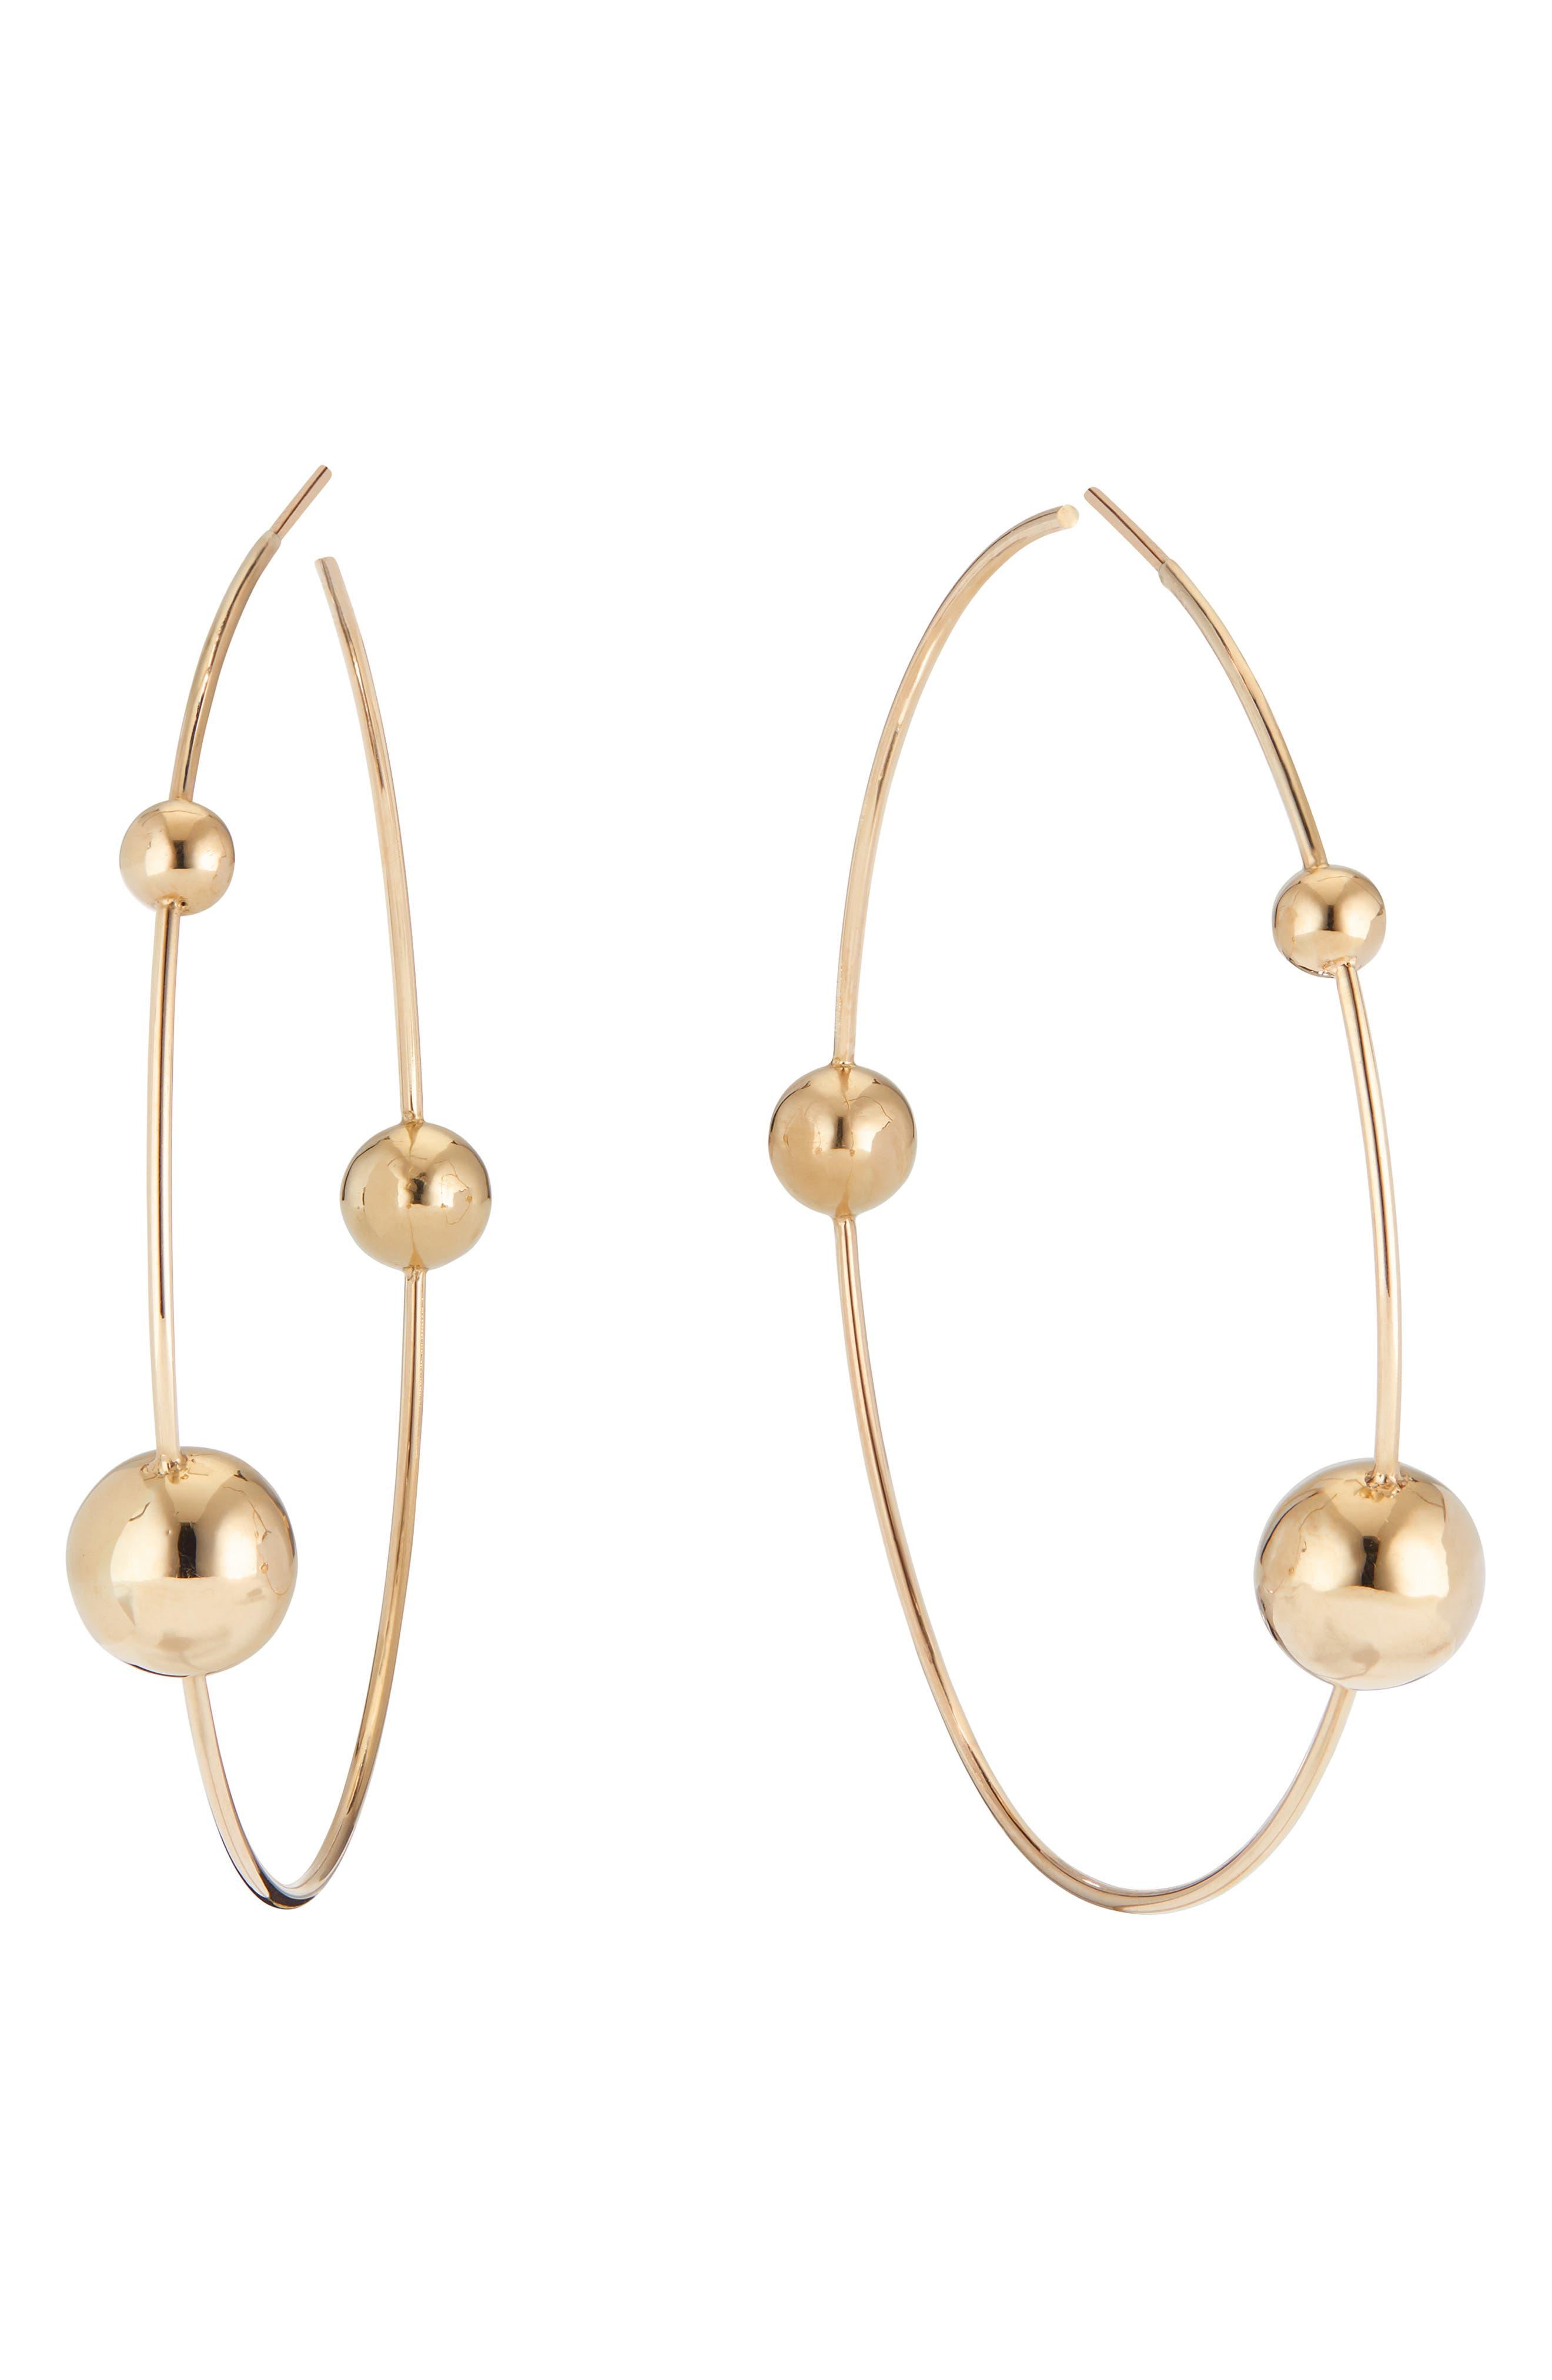 LANA Hollow Ball Wire Hoop Earrings in Gold